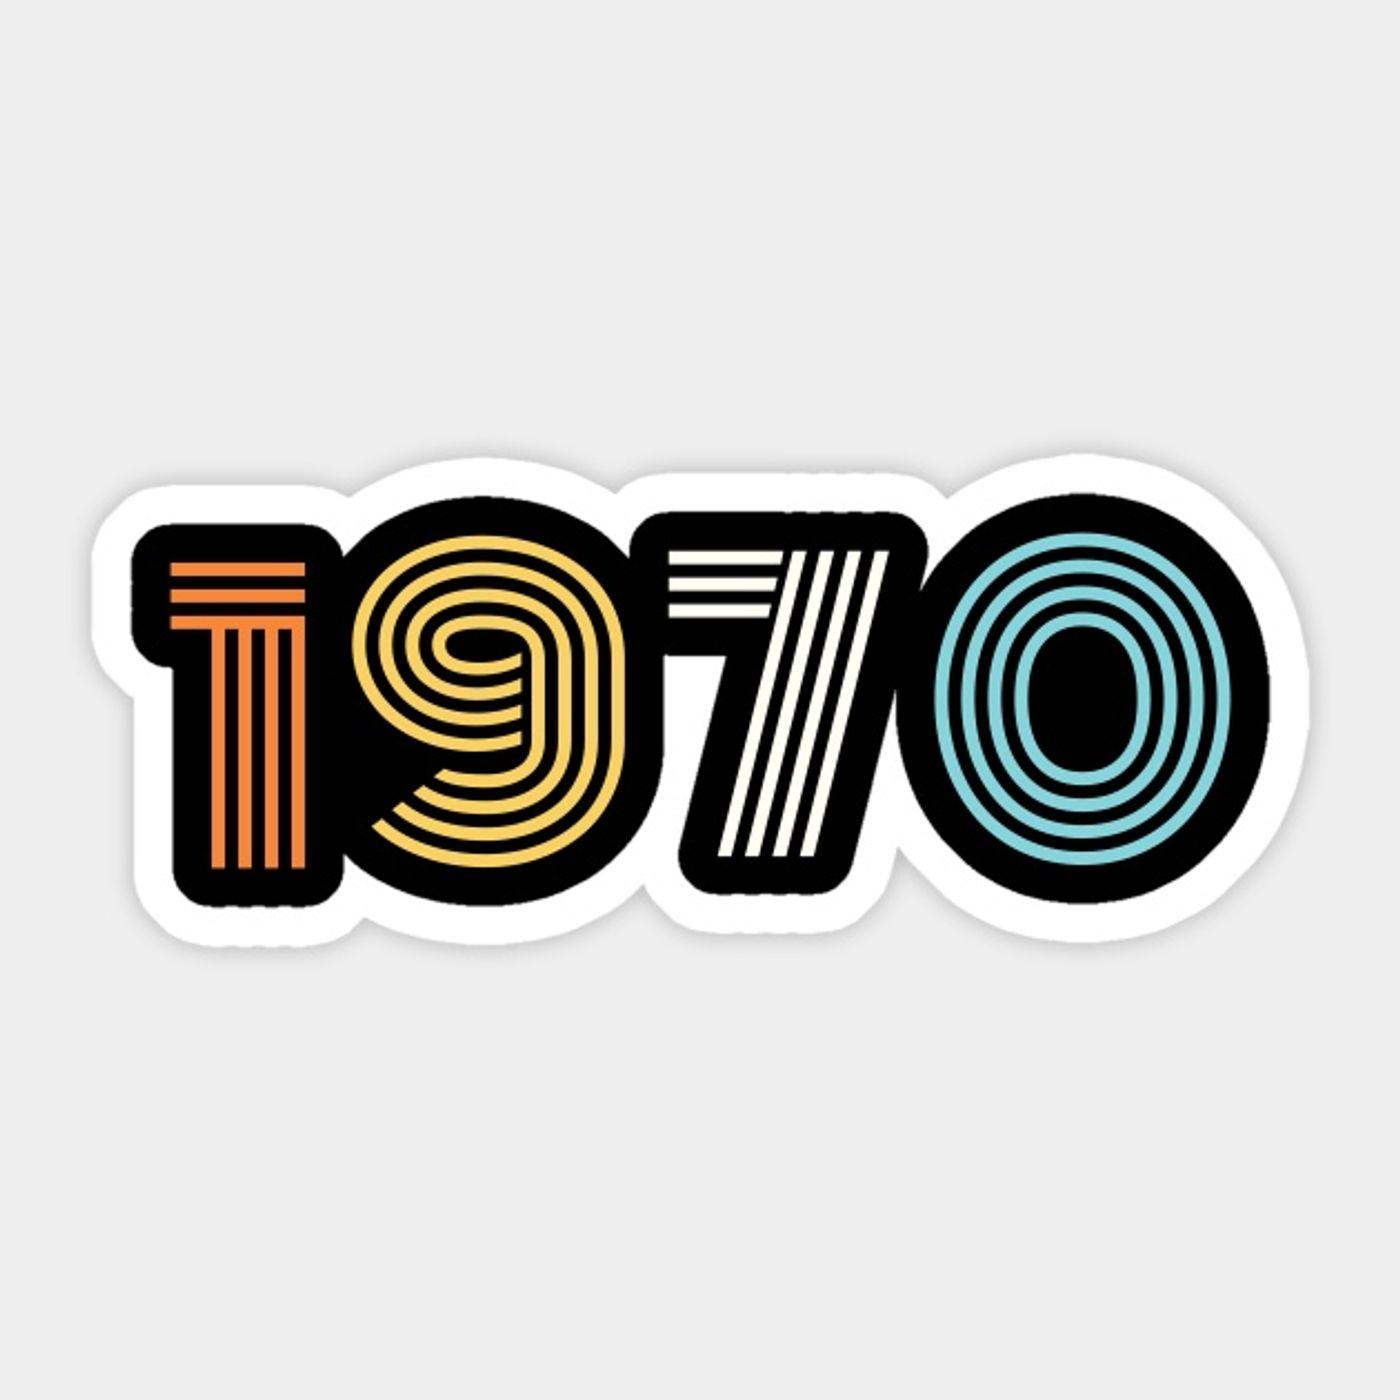 Reelin Sept 29 1970